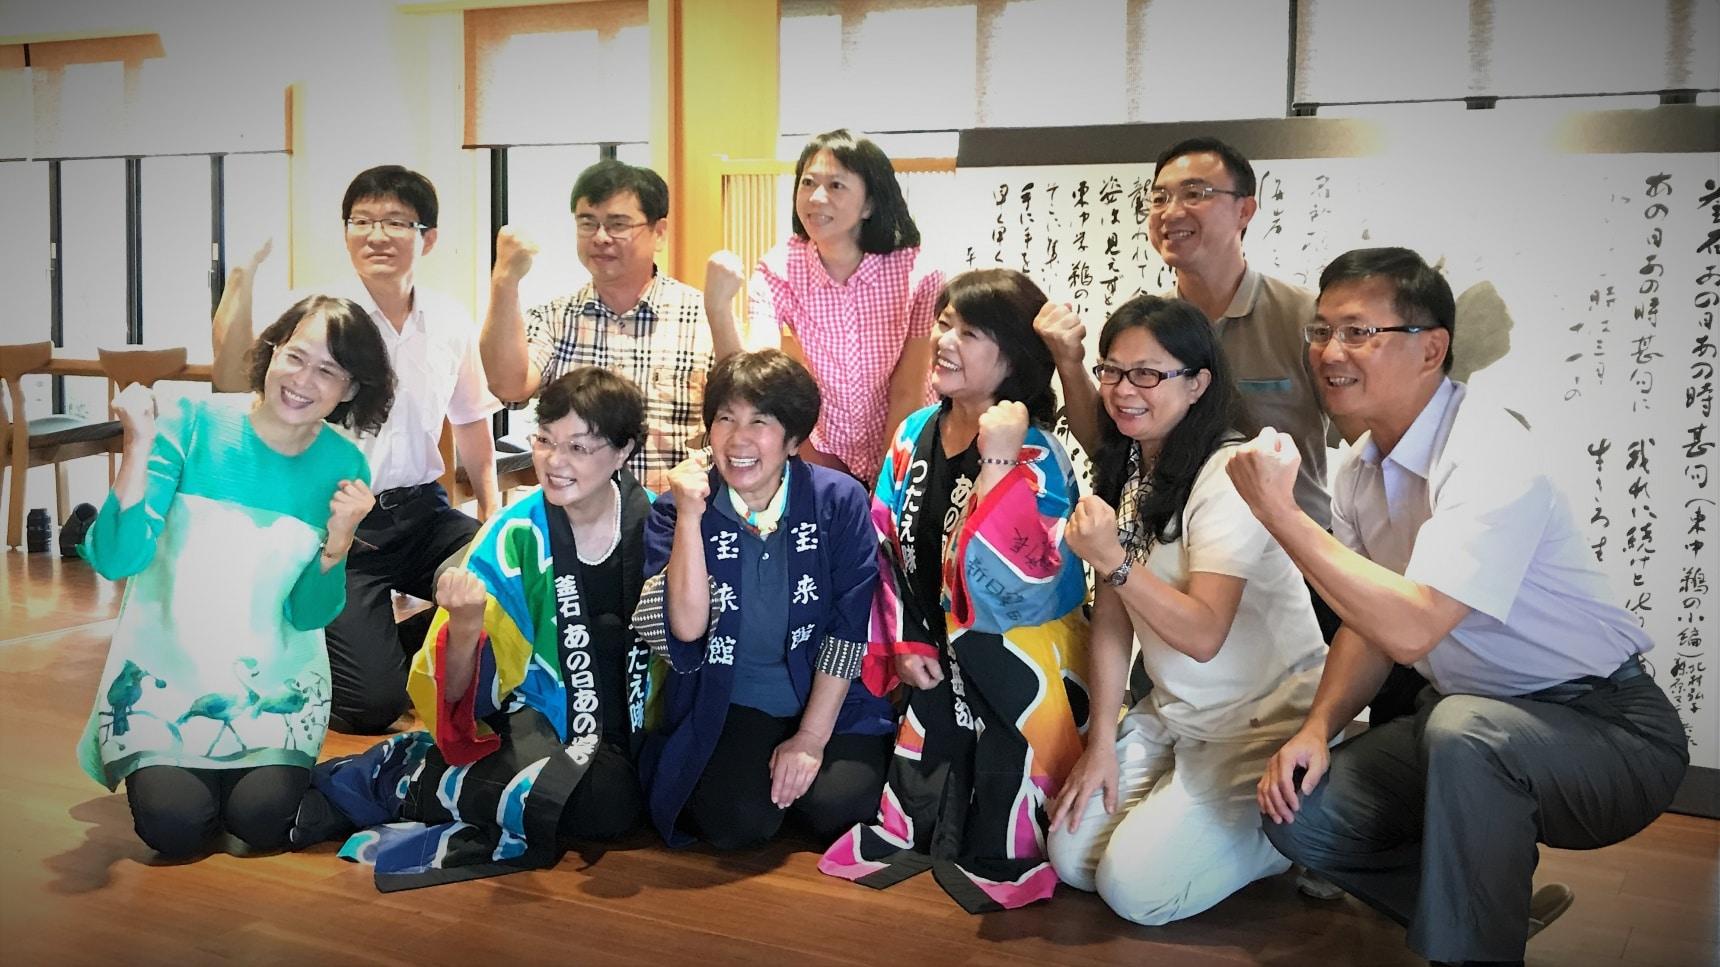 【東北自由行】沿著日本太平洋沿岸 來趟感受正能量的微笑之旅